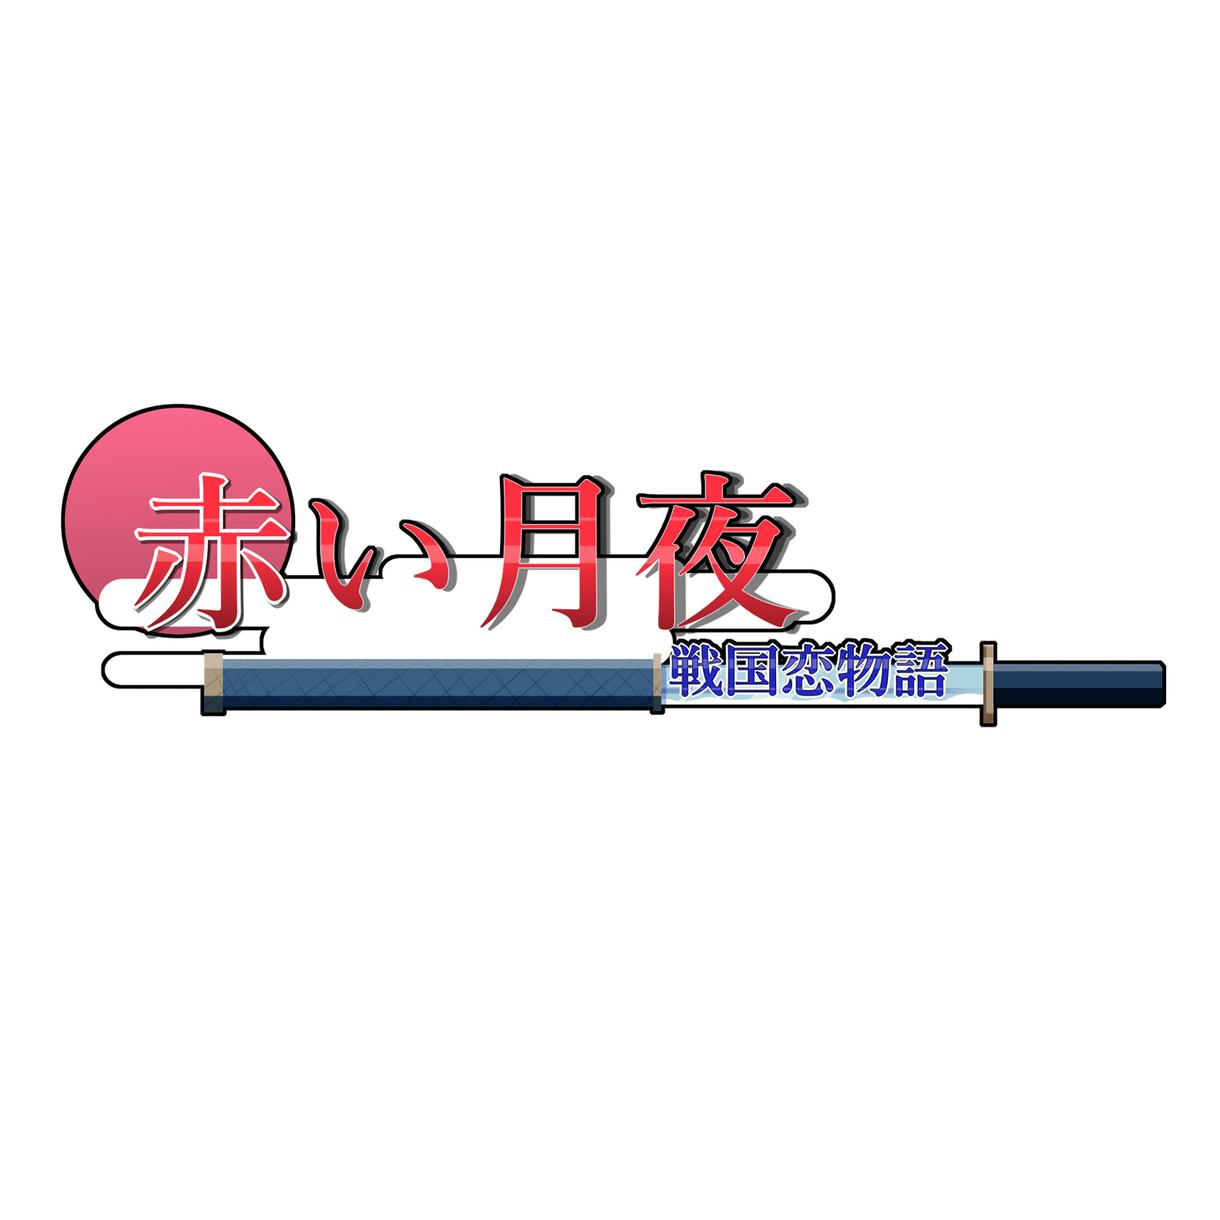 サービスを象徴するロゴ作ります サークル・グループや作品の顔となるタイトルのロゴを制作!